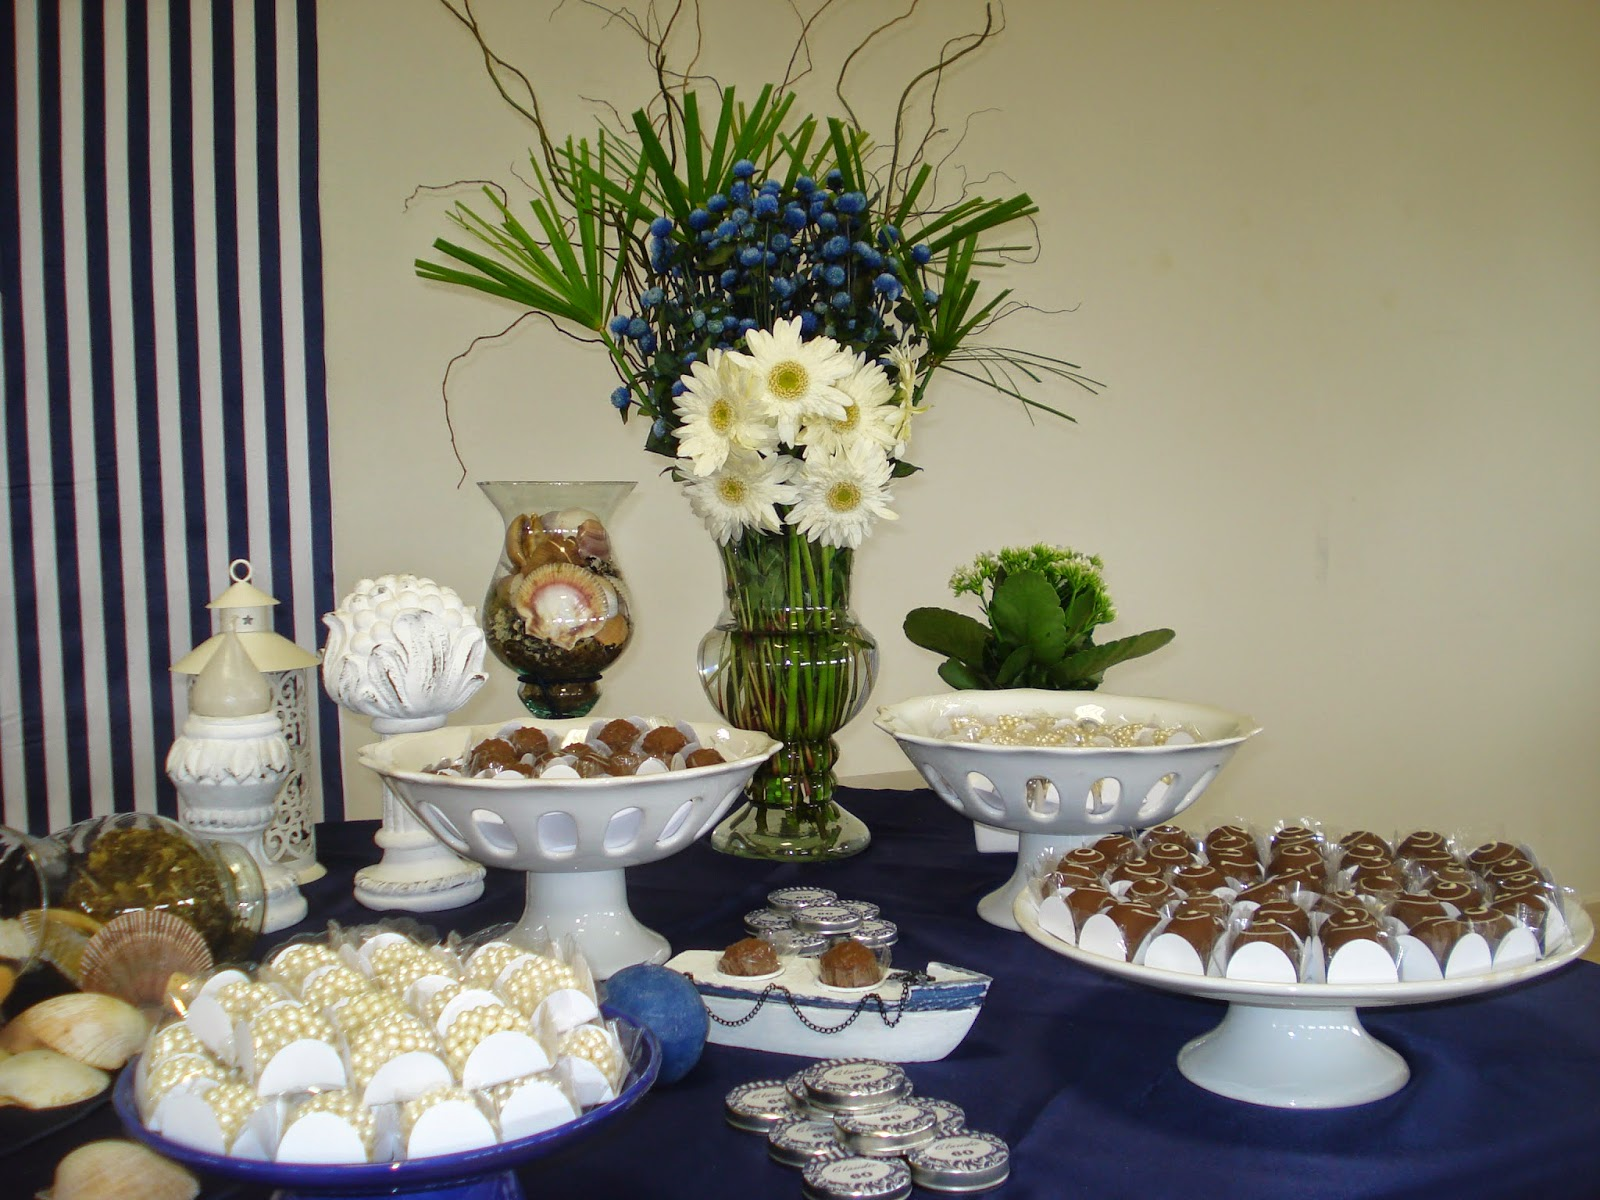 PERSONALIZADAS: FESTA ANIVERSÁRIO MASCULINO AZUL MARINHO E BRANCO #435F16 1600x1200 Banheiro Azul Marinho Com Branco